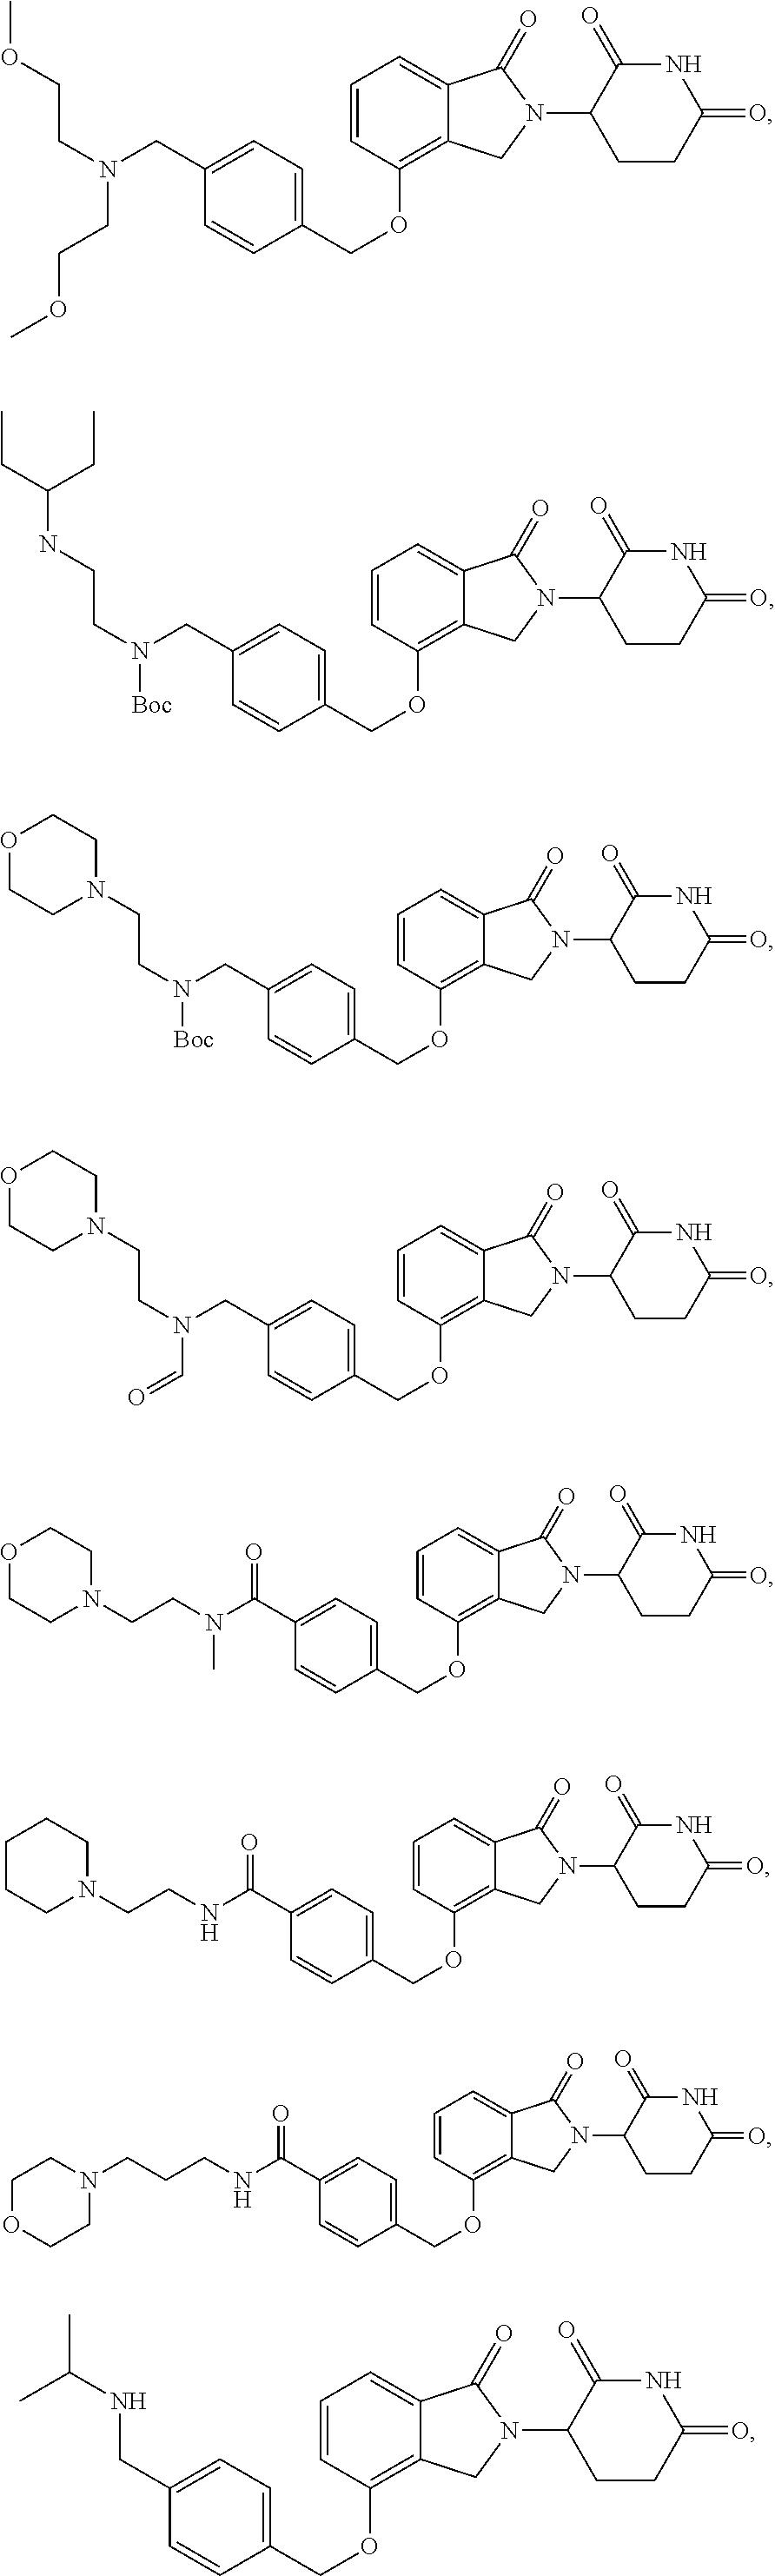 Figure US09587281-20170307-C00075